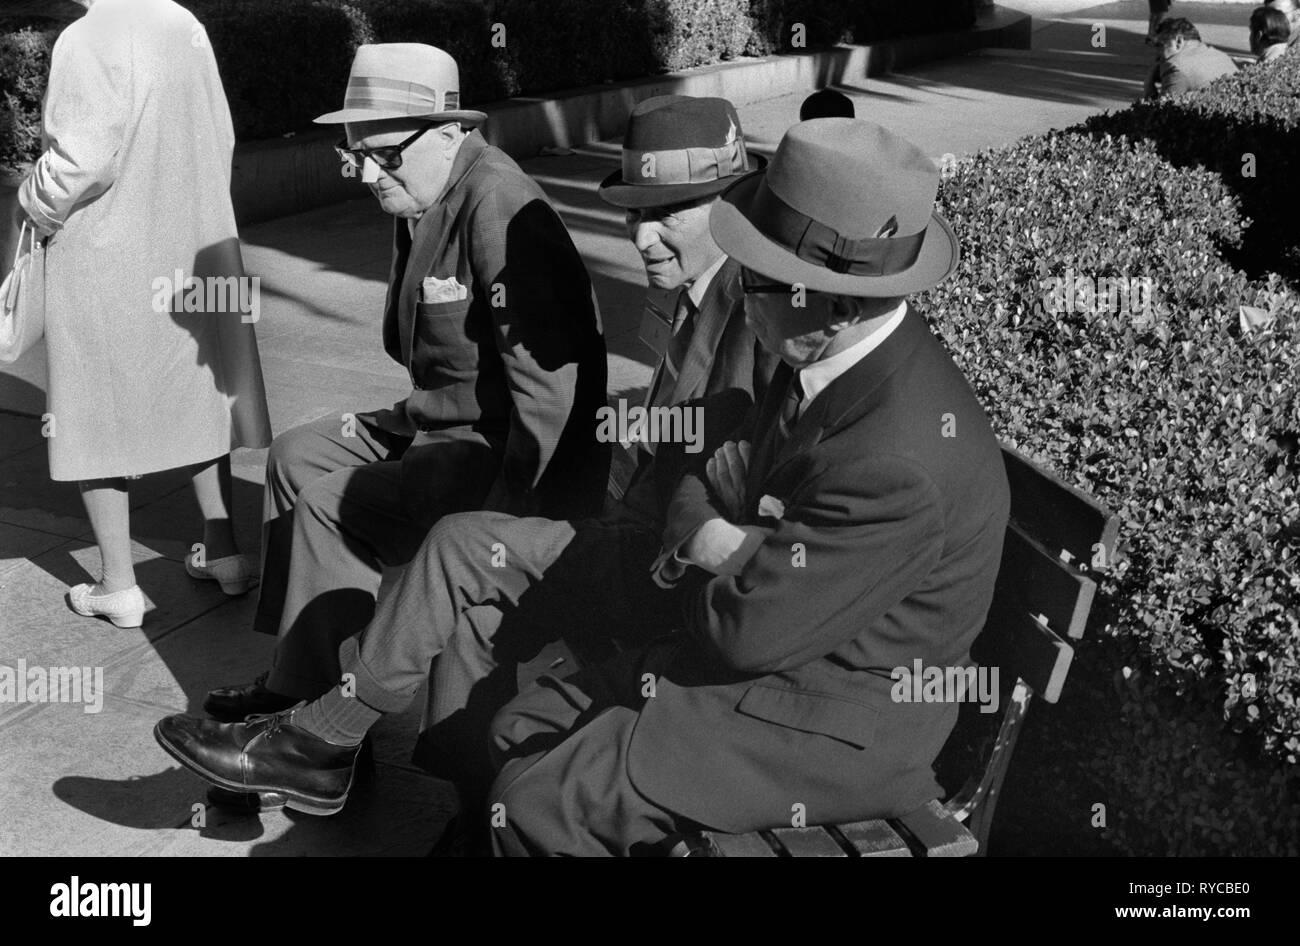 San Francisco, California, EE.UU. 1960 1969. Hombre vestido con nariz guard protege contra el sol. 60S US HOMER SYKES Imagen De Stock